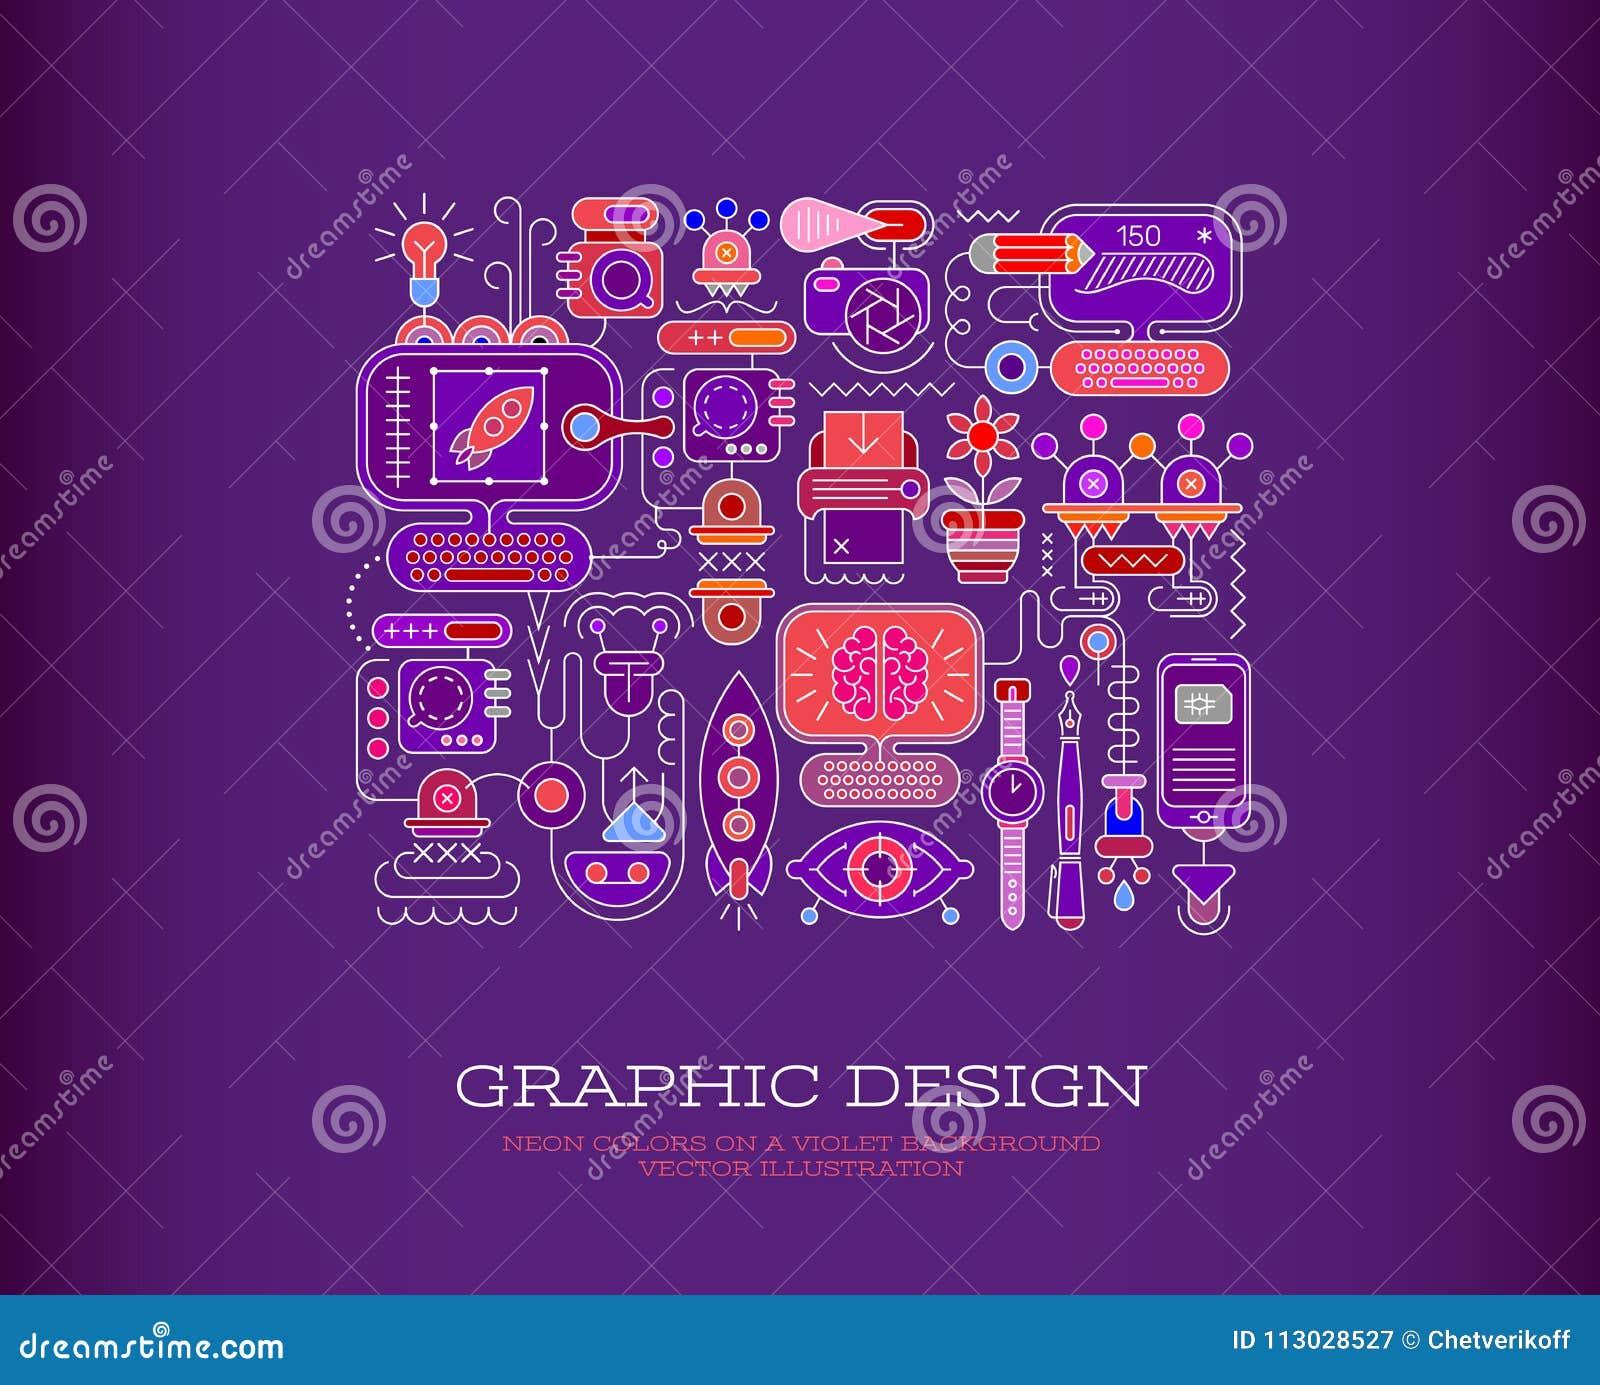 Ejemplo del vector del diseño gráfico